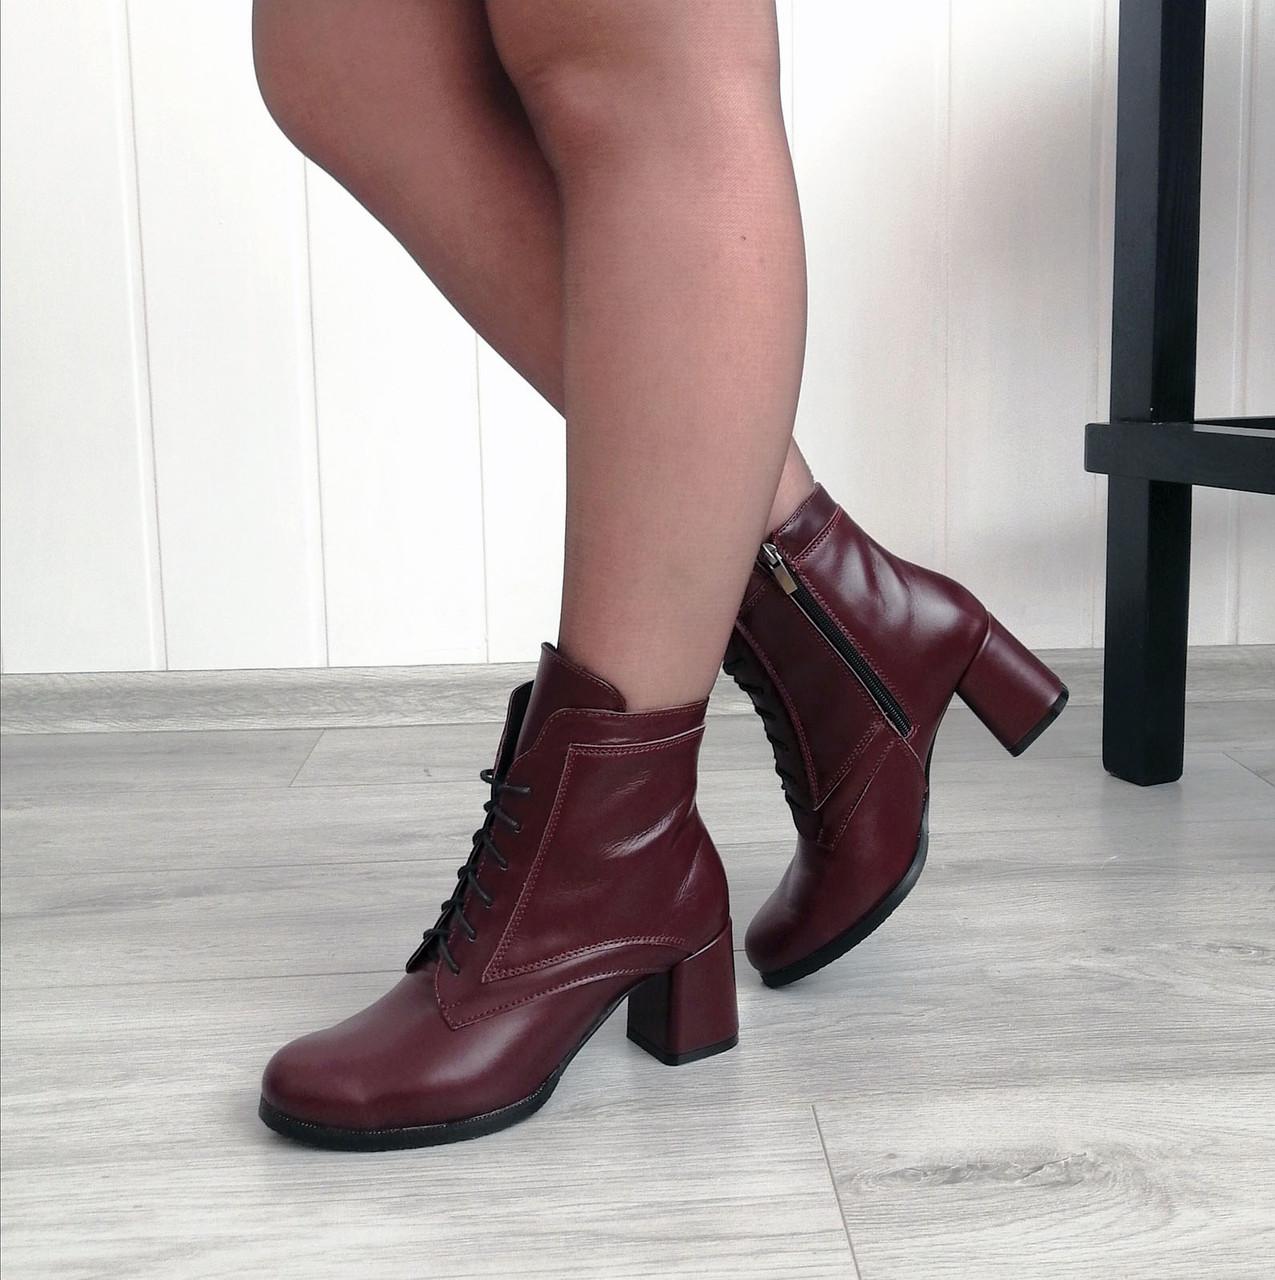 Бордовые стильные ботинки на каблуке